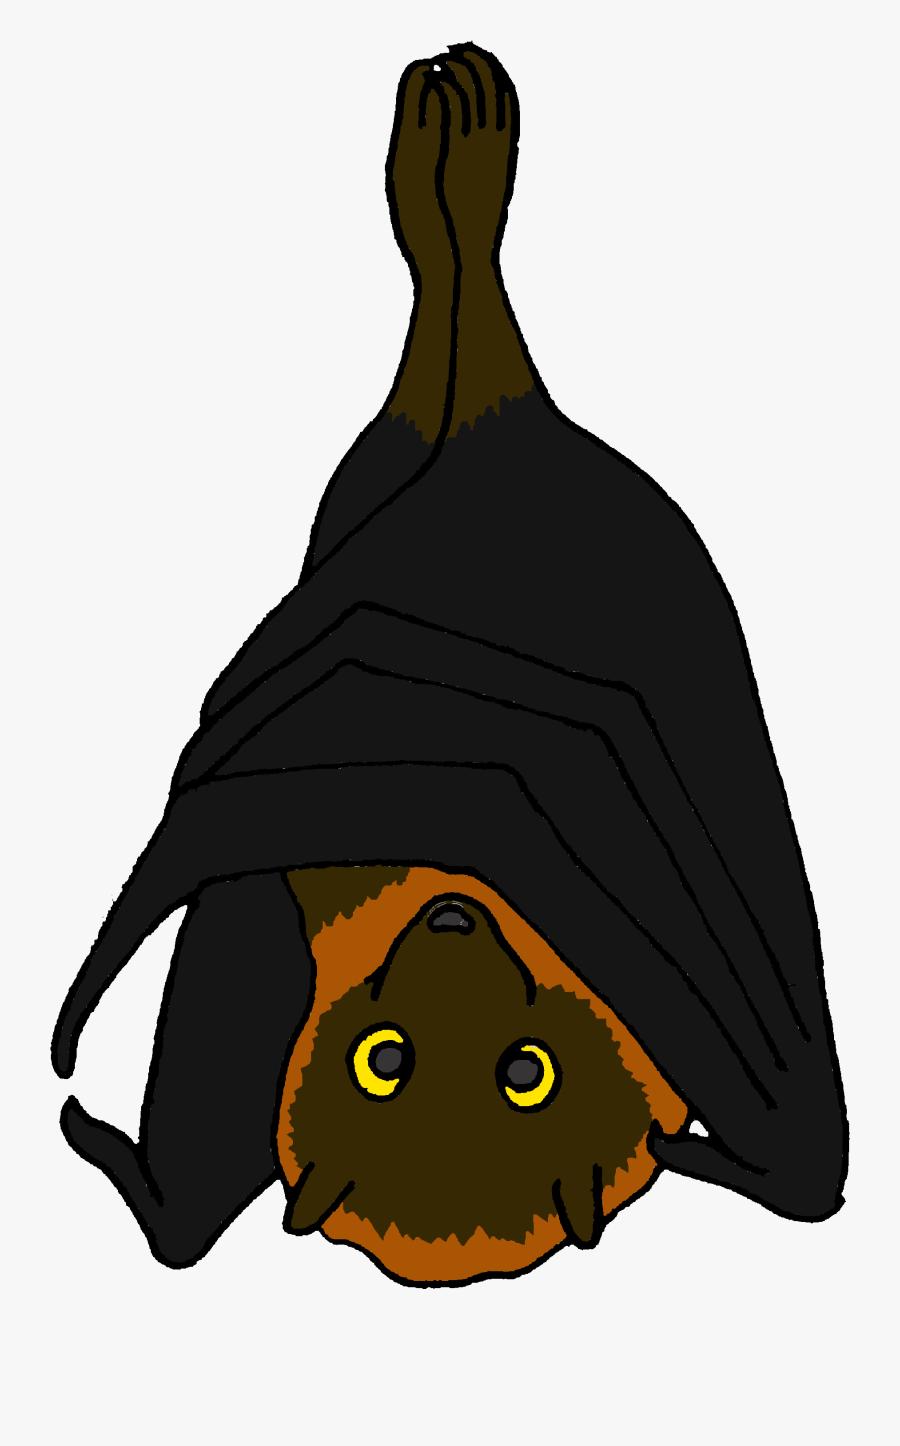 Transparent Fruit Bat Clipart - Cartoon Picture Of A Fruit Bat, Transparent Clipart